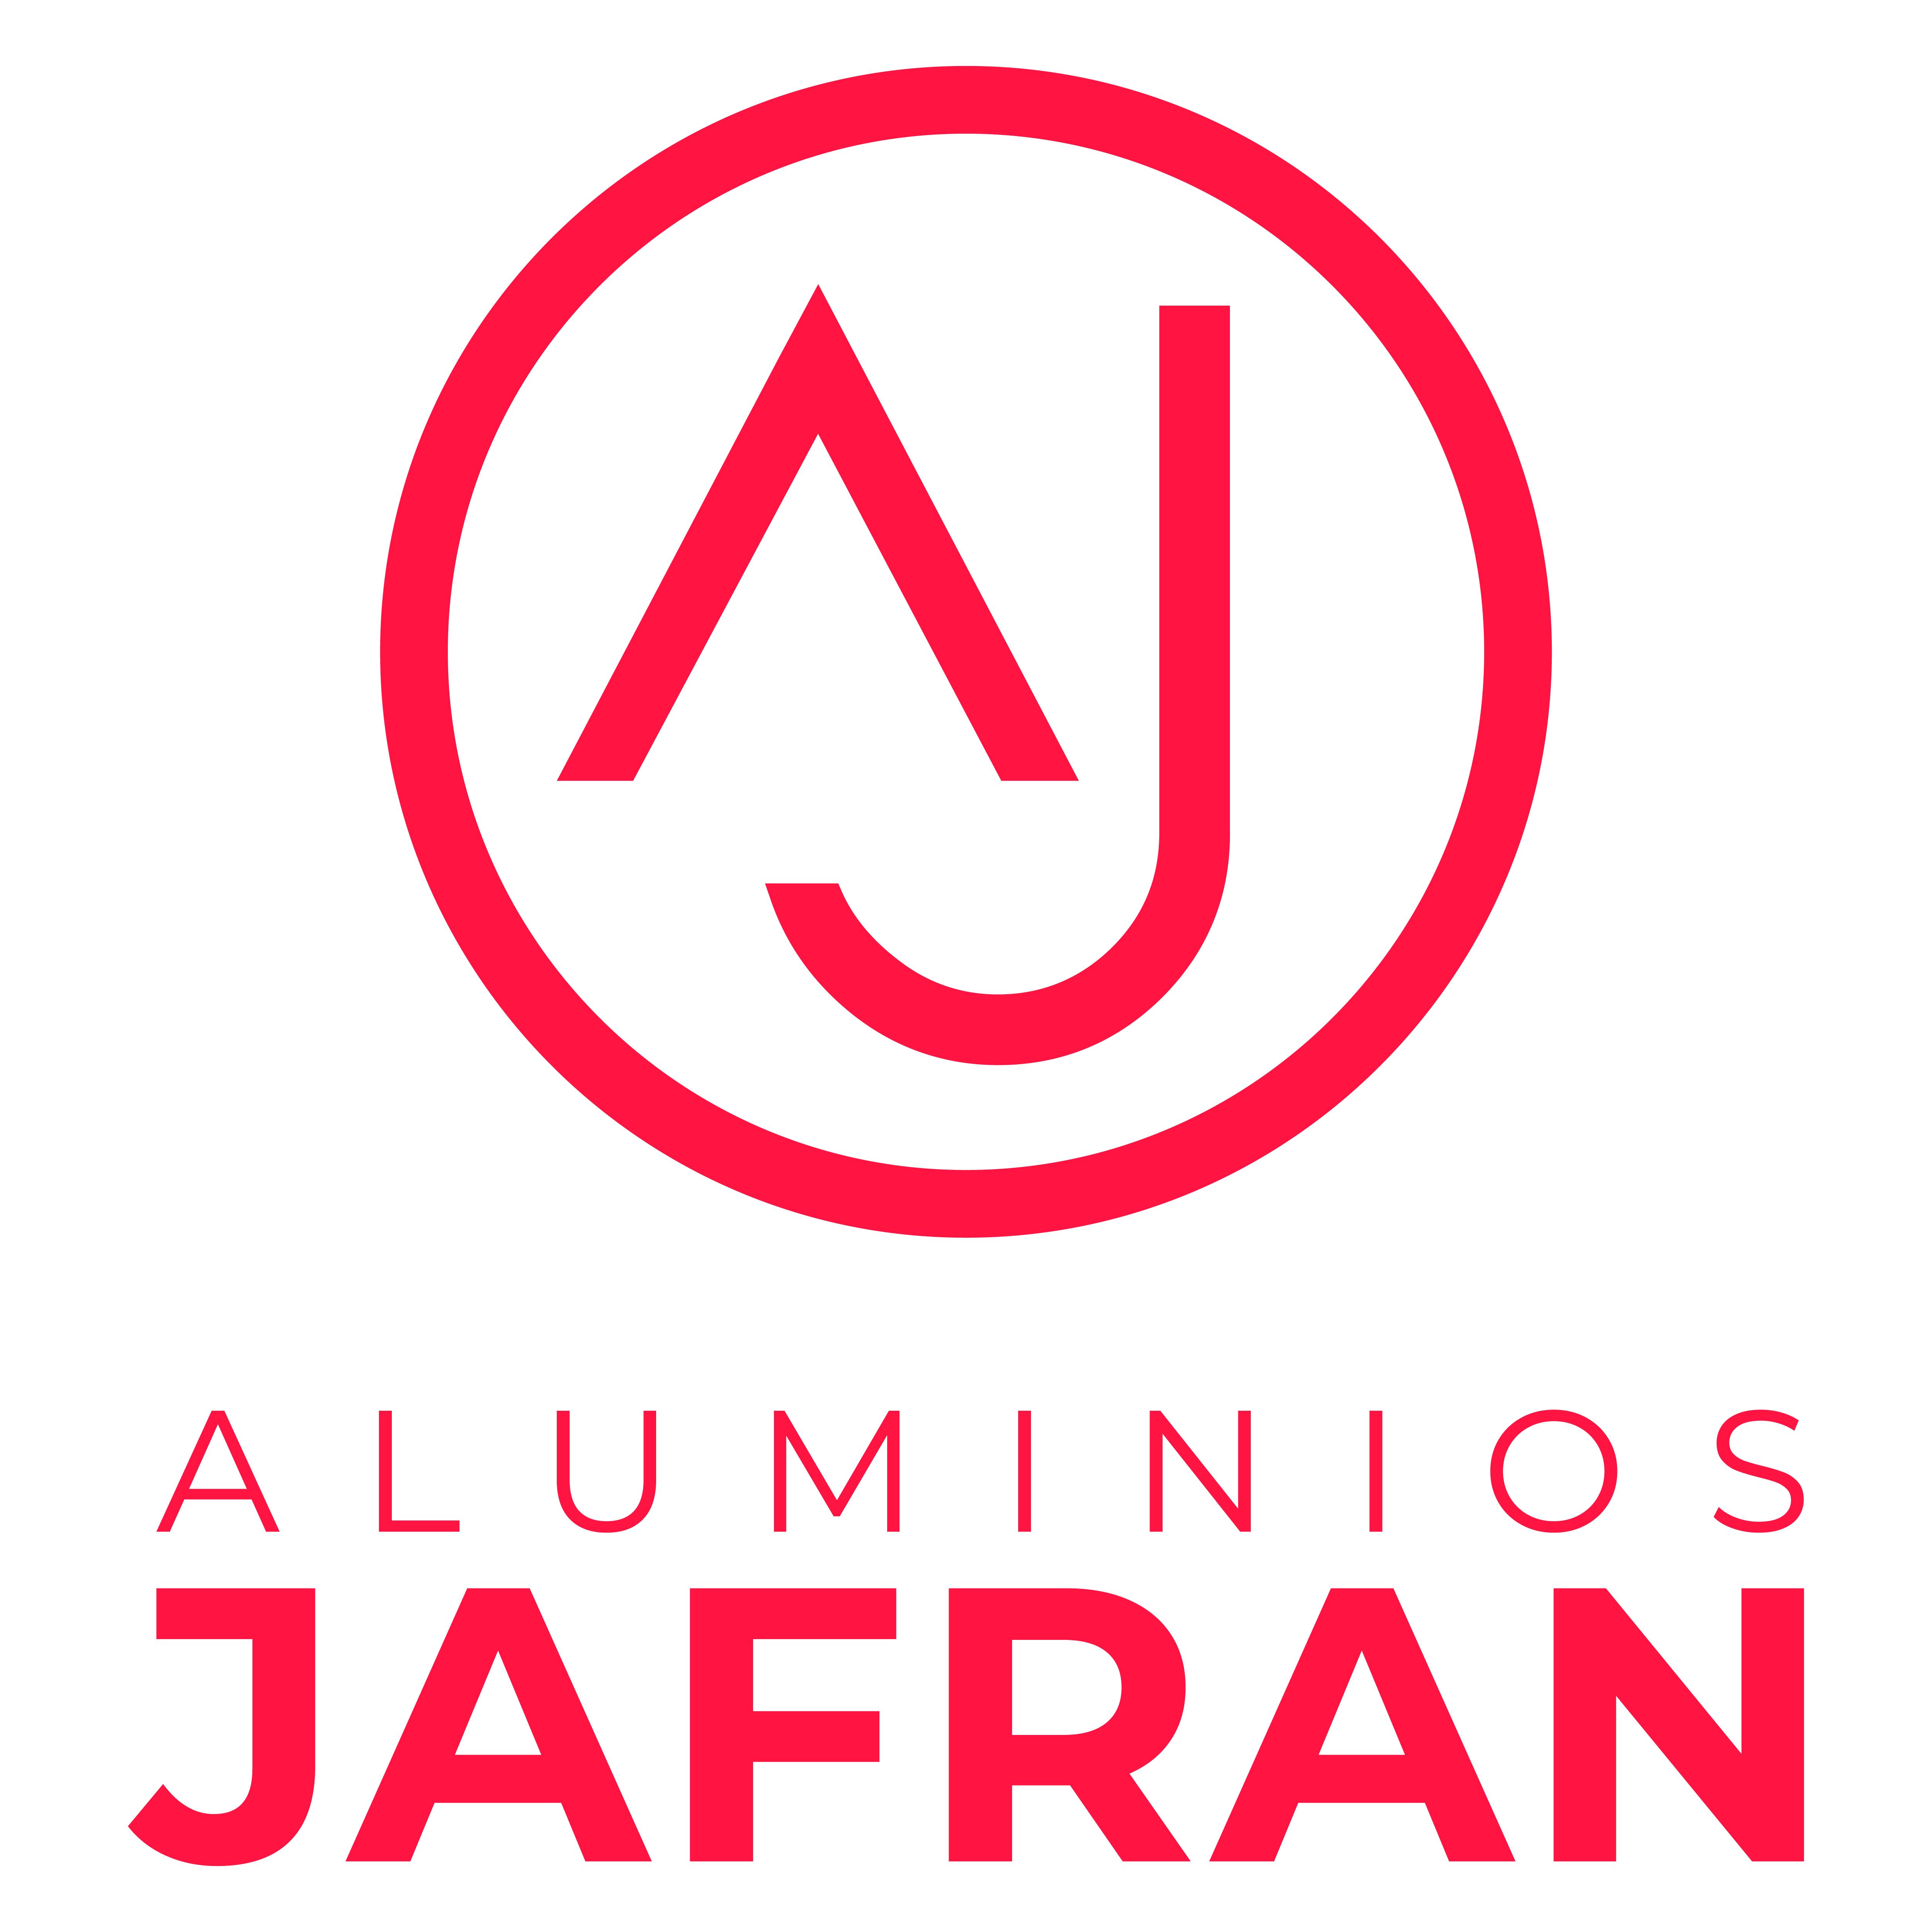 Aluminios Jafran